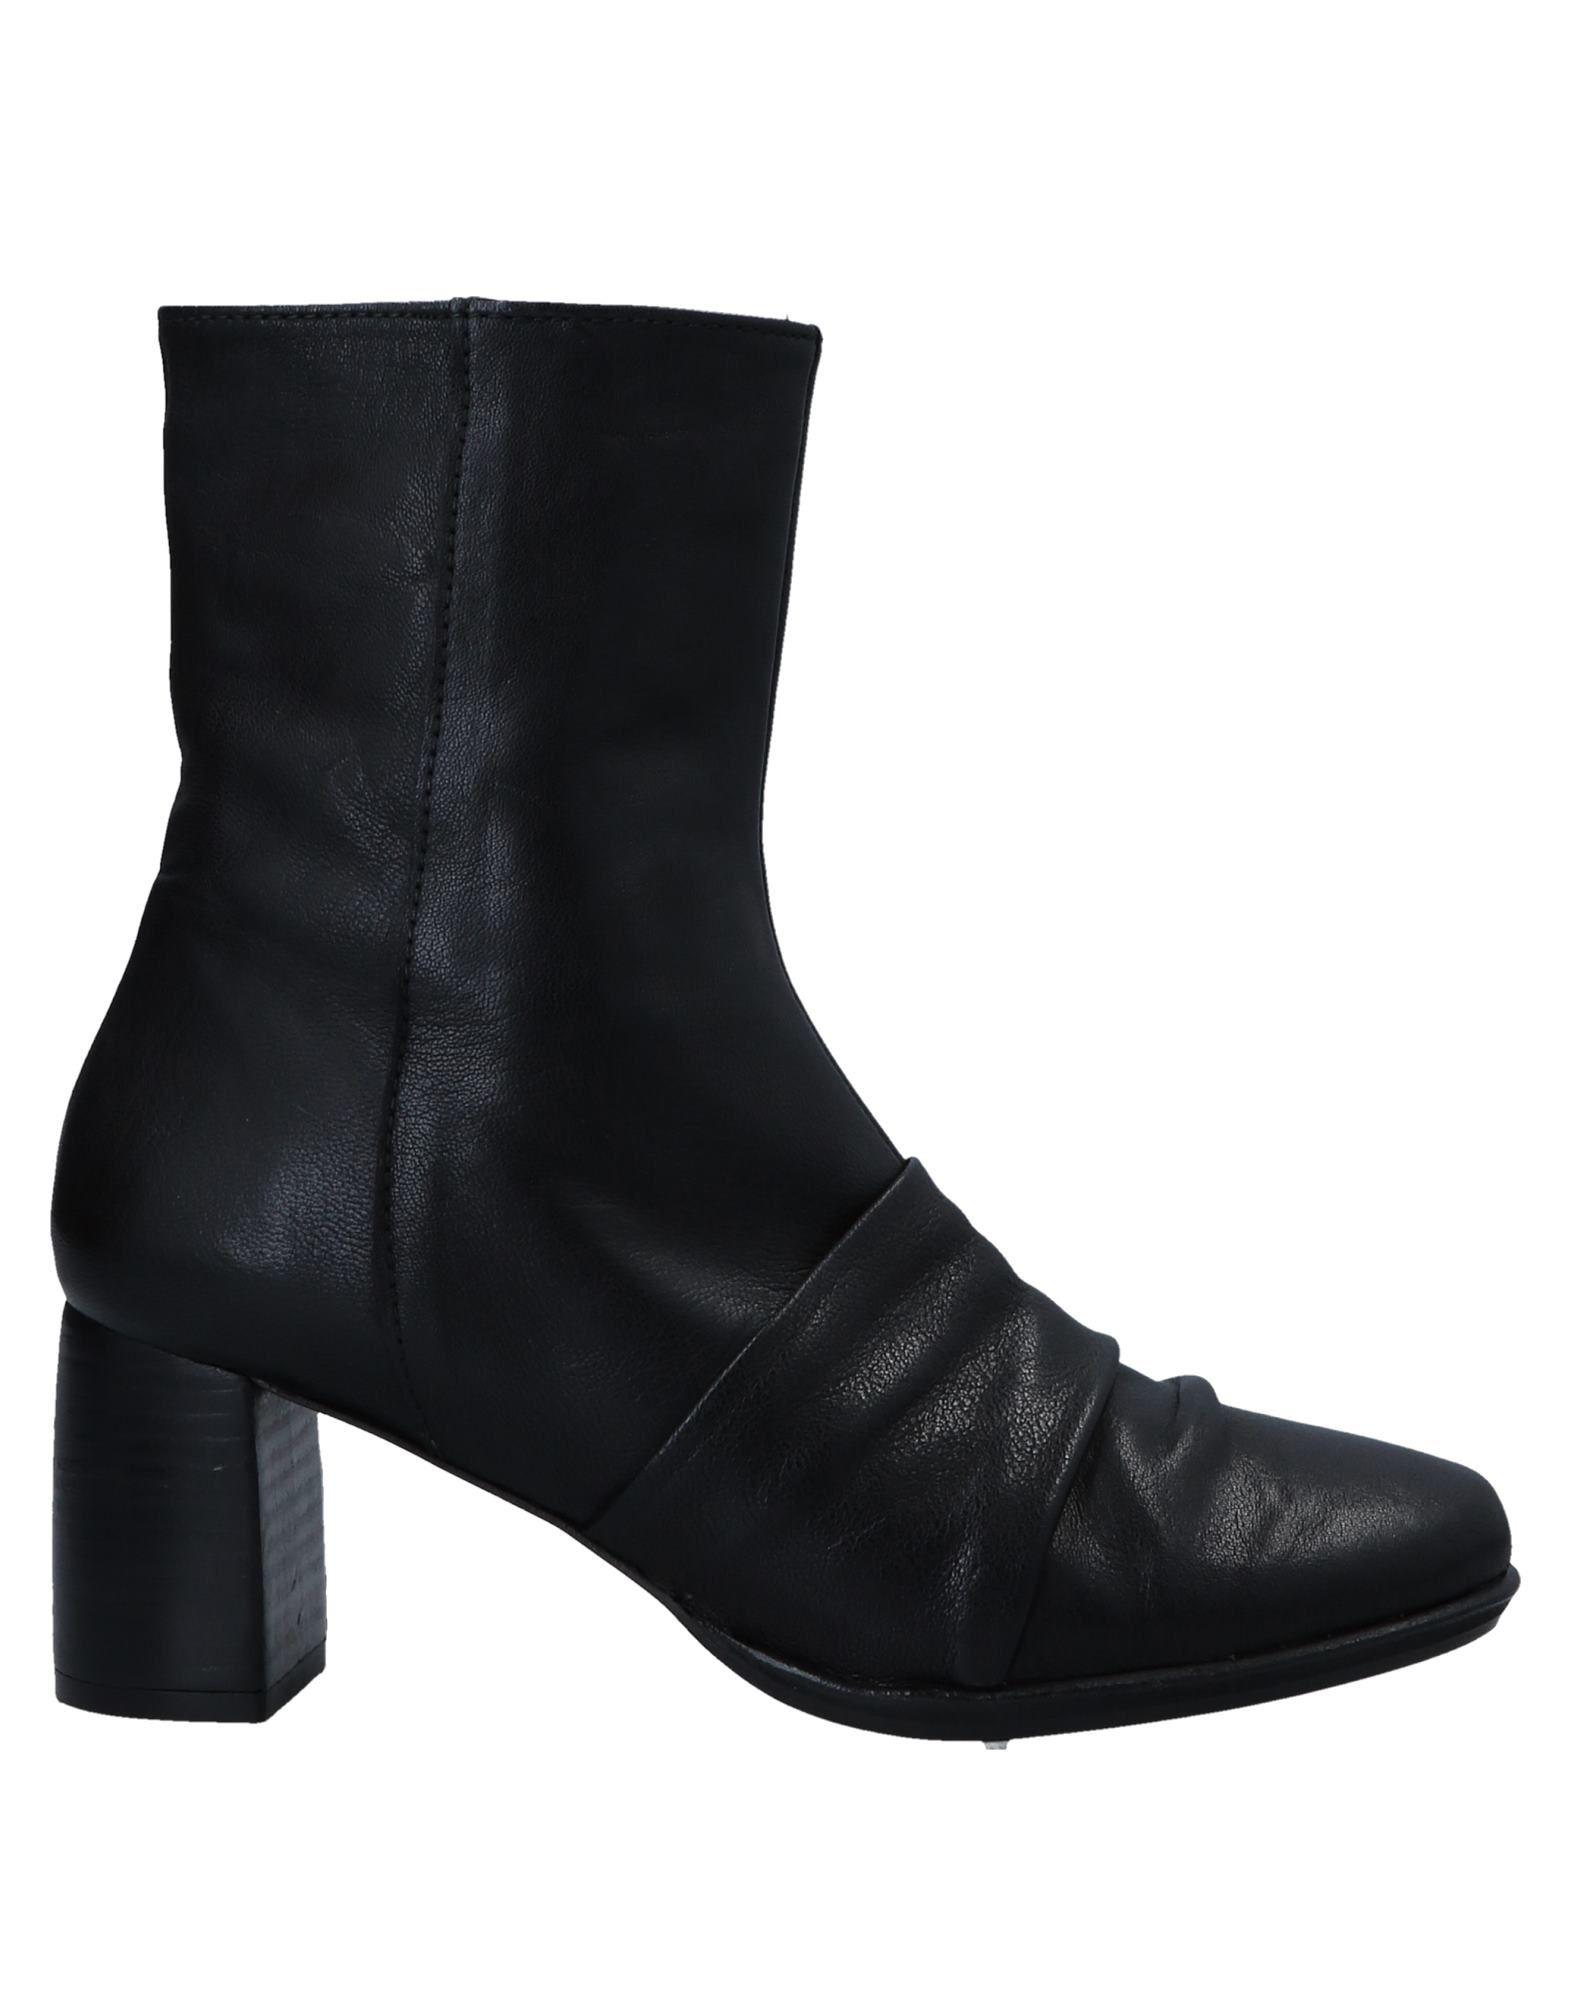 ANAID KUPURI | ANAID KUPURI Ankle boots 11546141 | Goxip